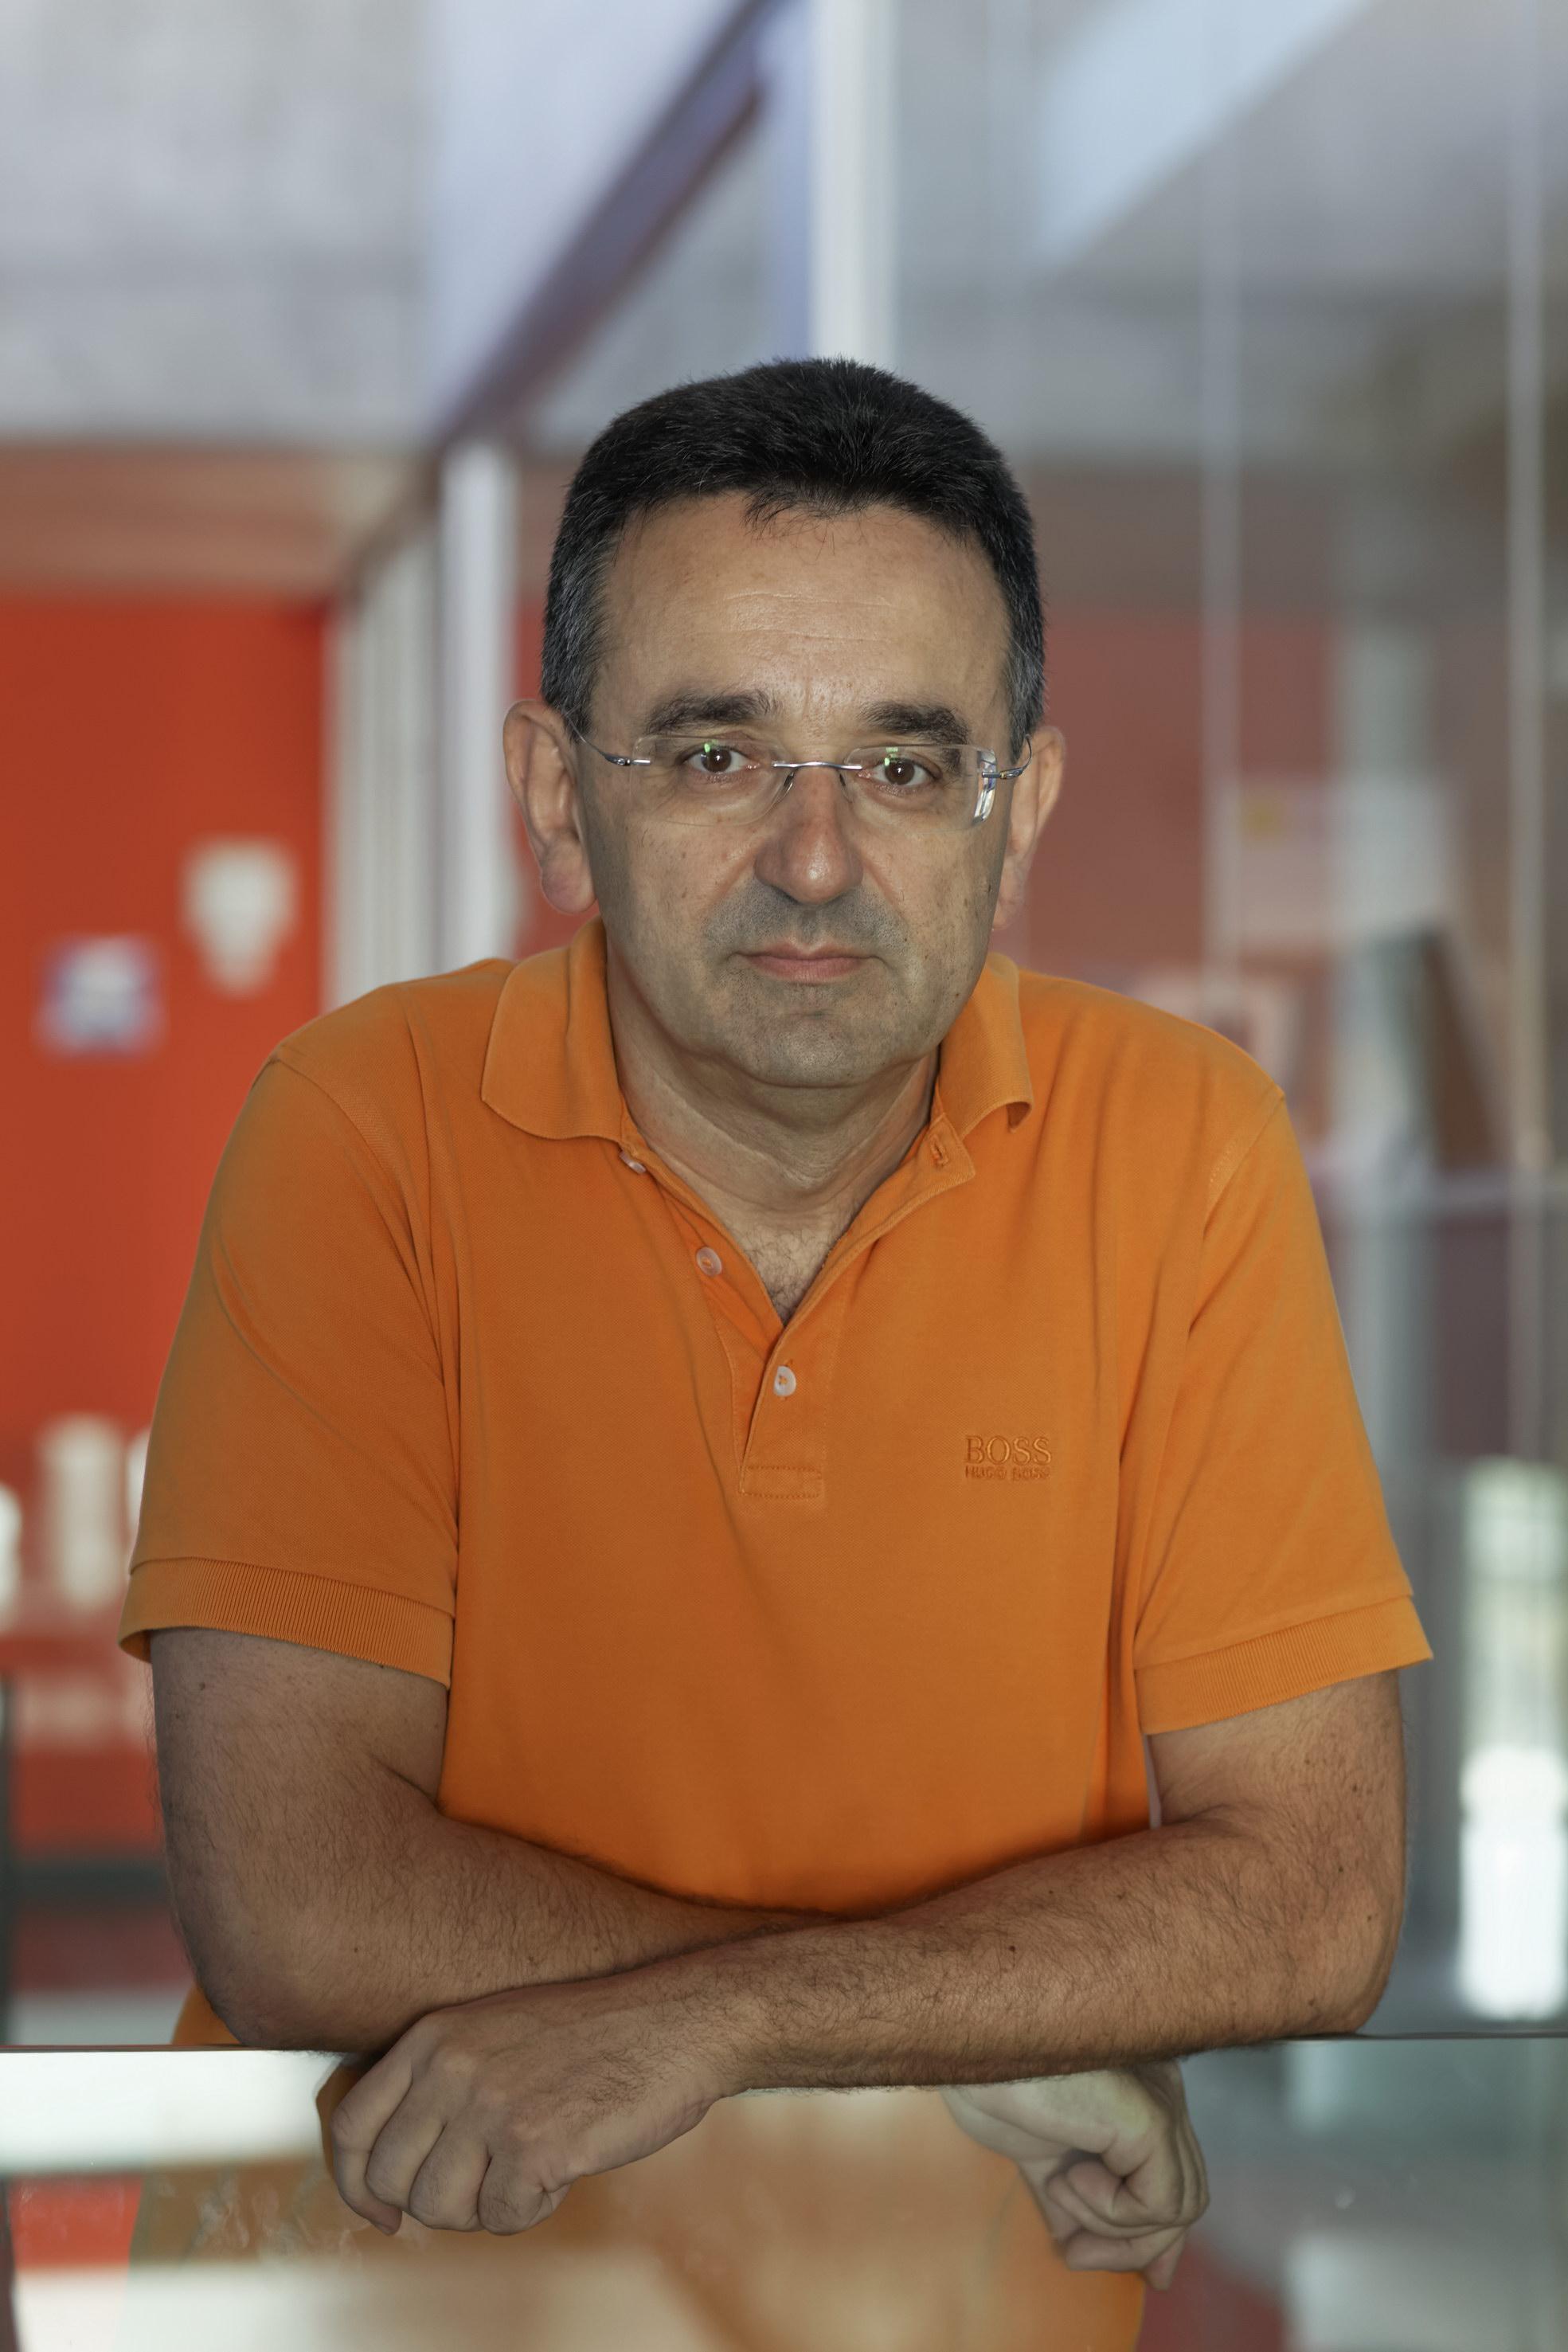 Espaitec-David-Cabedo-043